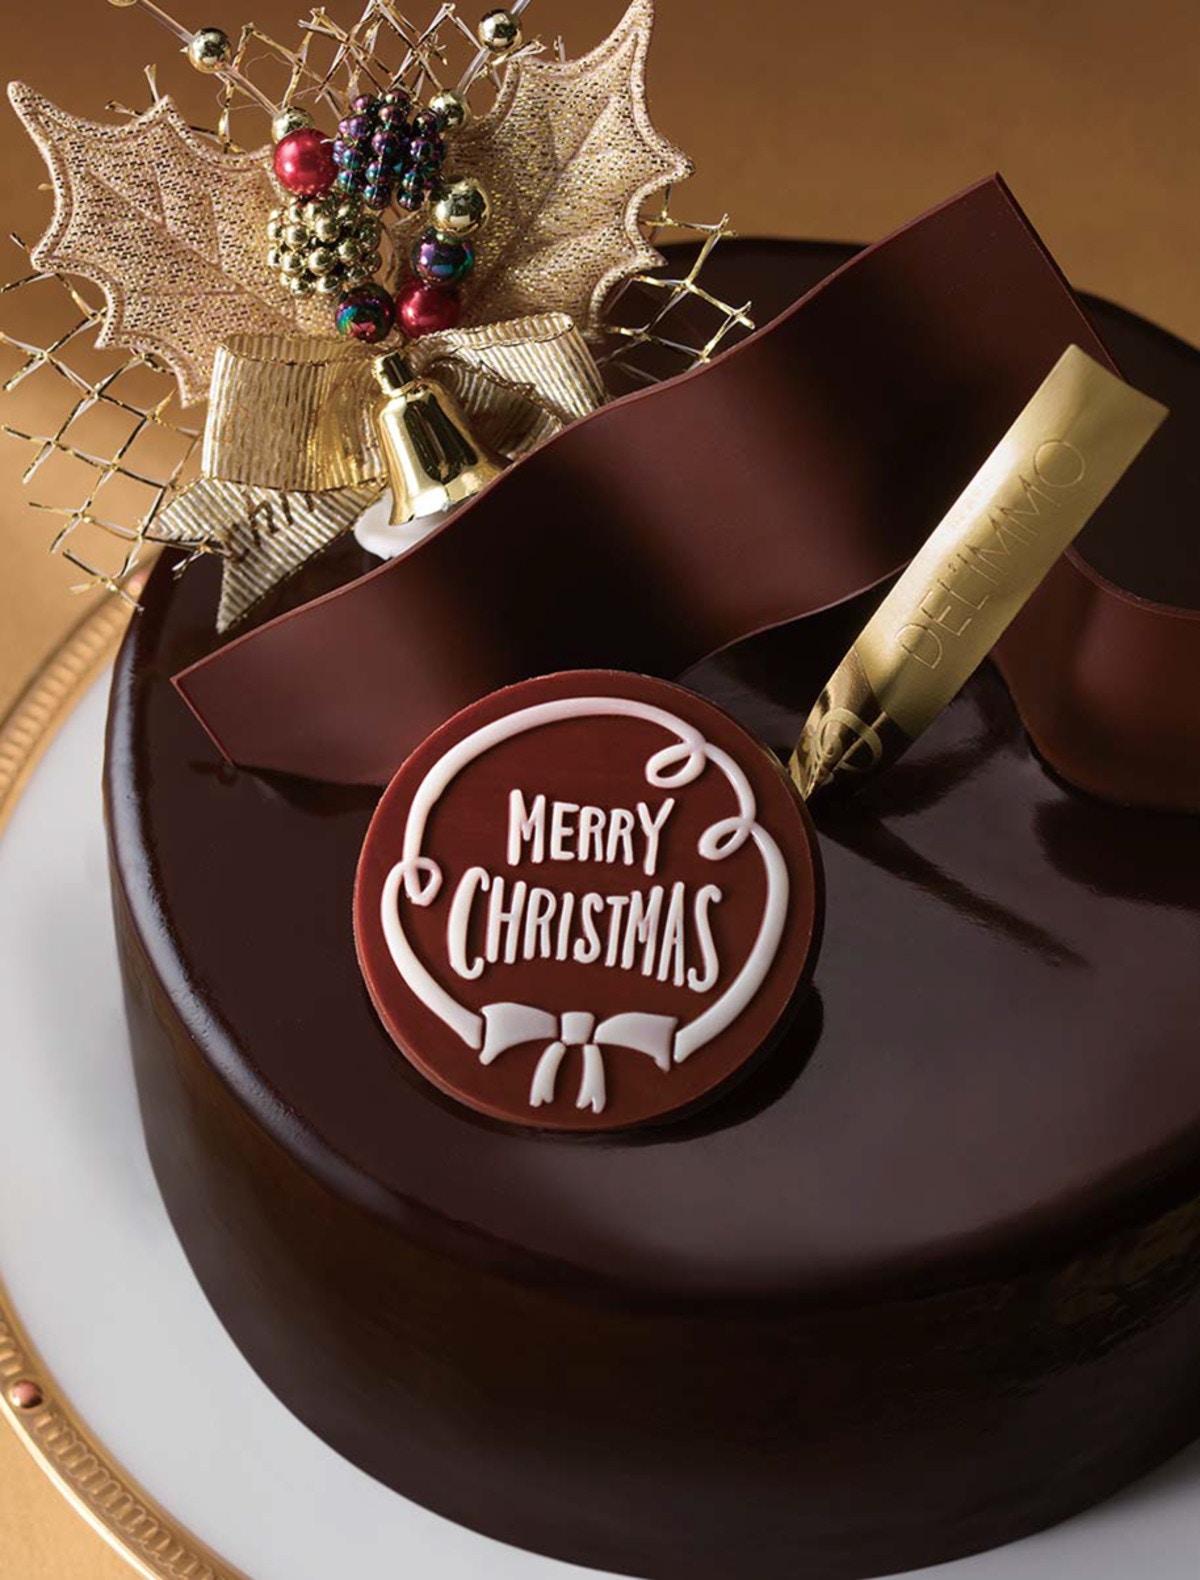 スペシャルチョコレートケーキ